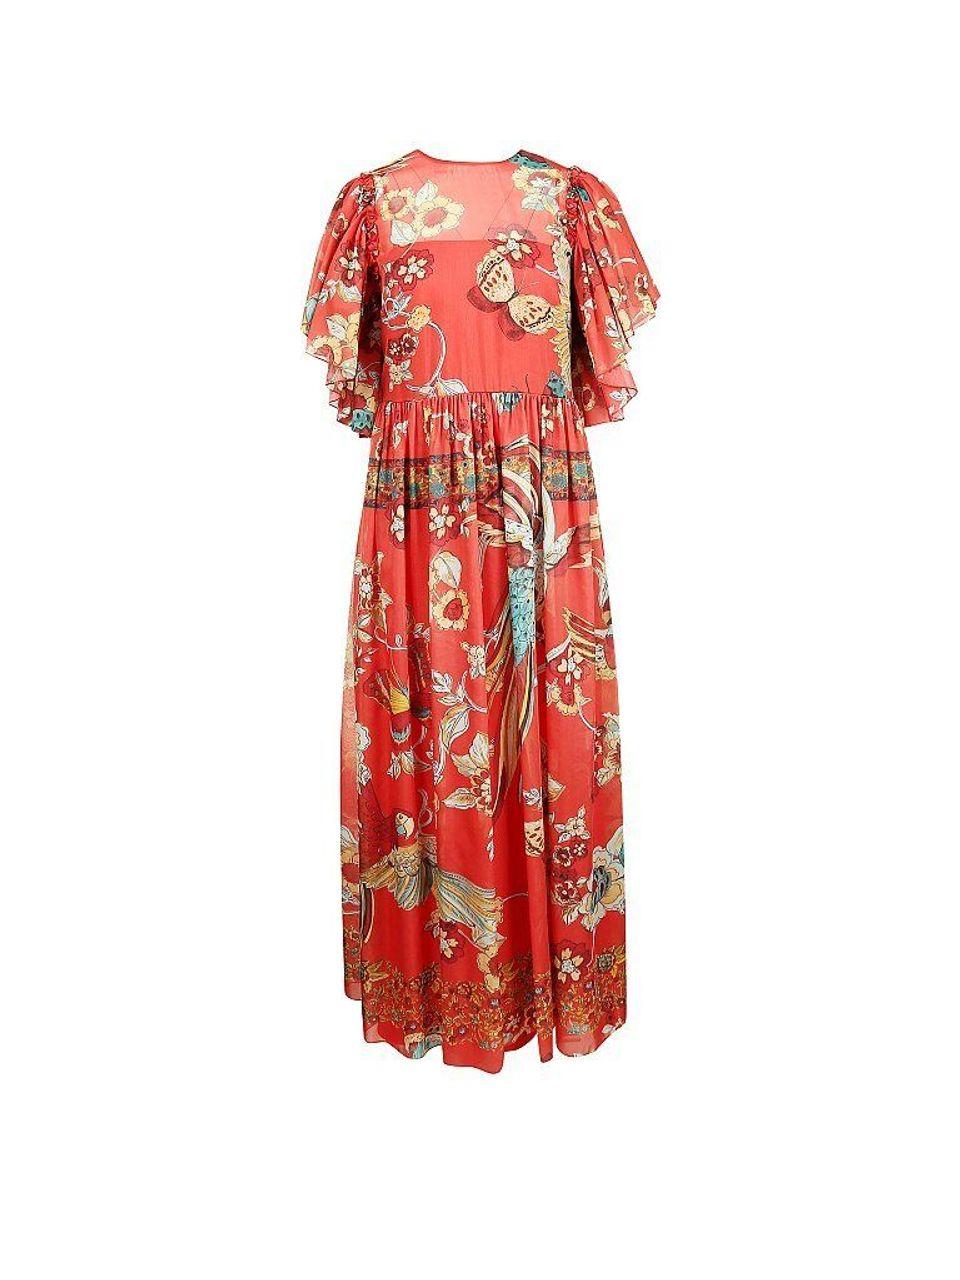 Red Valentino Kleid rot 34 - Preise vergleichen